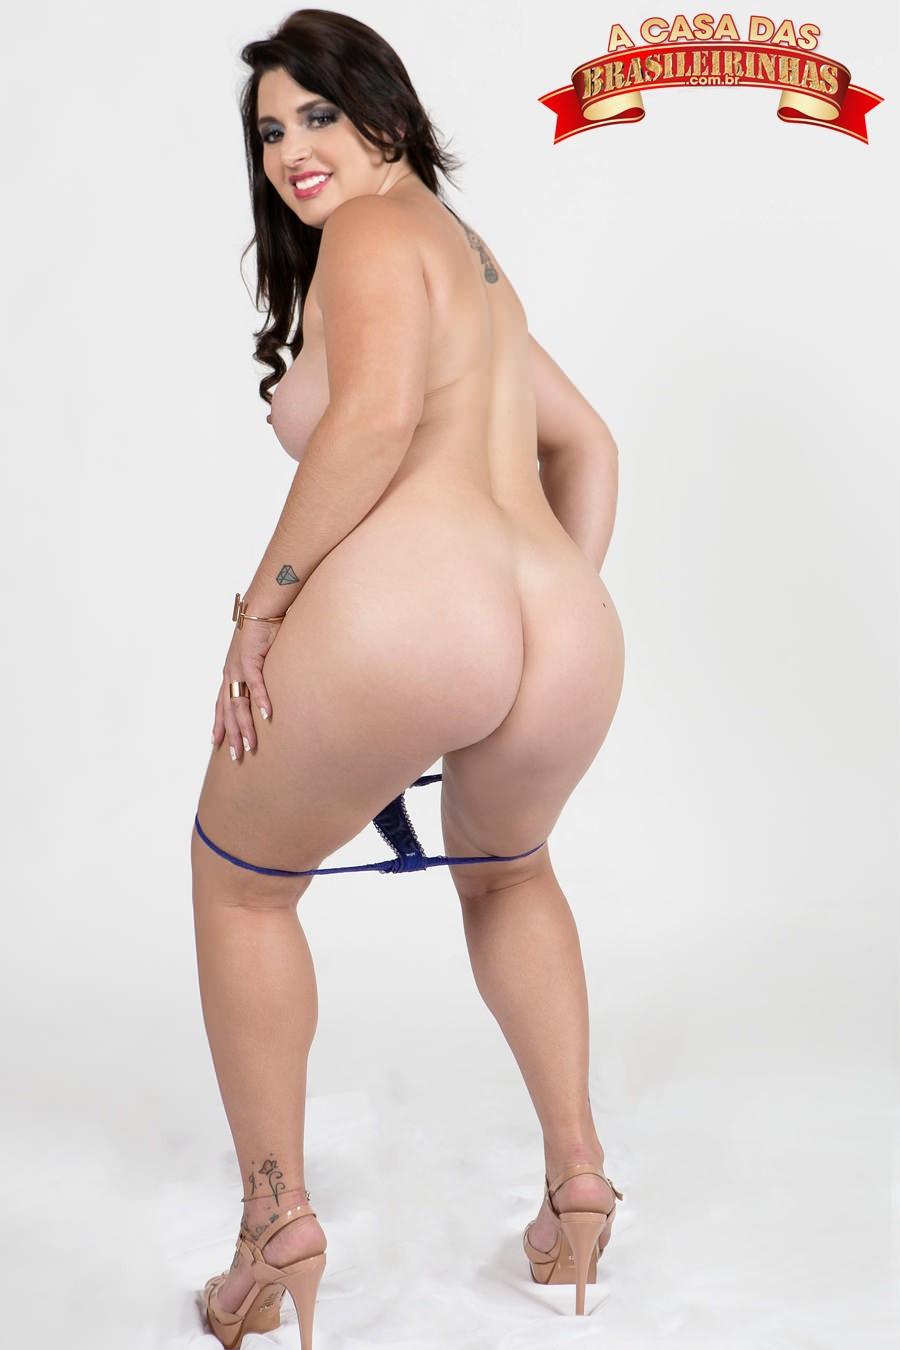 monica-lima-tirando-lingerie.jpg